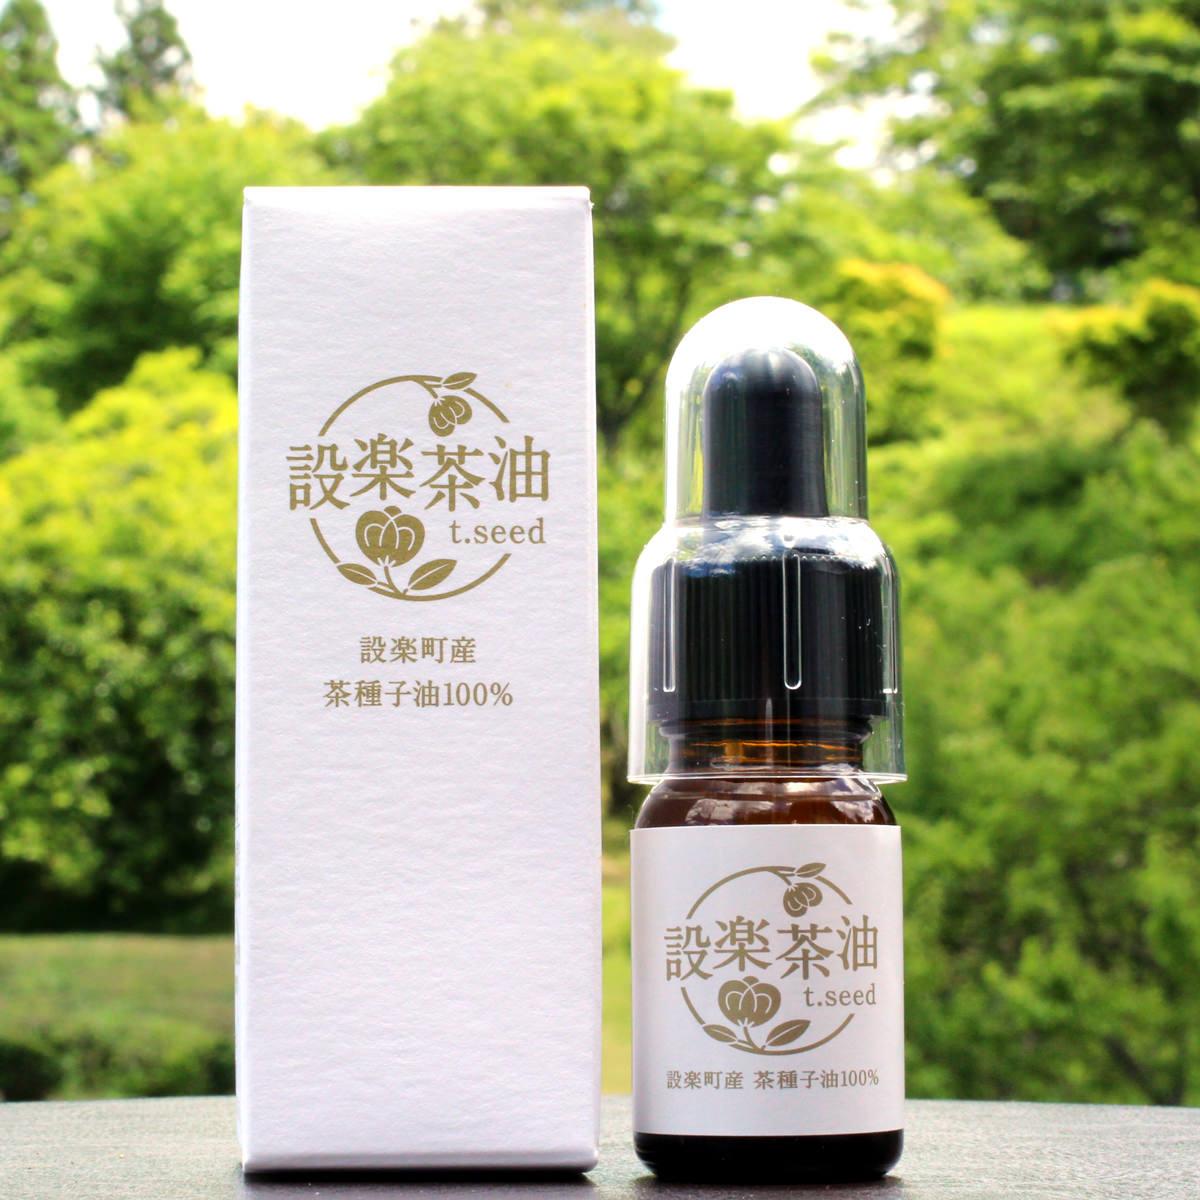 茶種子から搾ったスキンケアオイル〔10g〕設楽茶油 天然100% 愛知県 山の搾油所